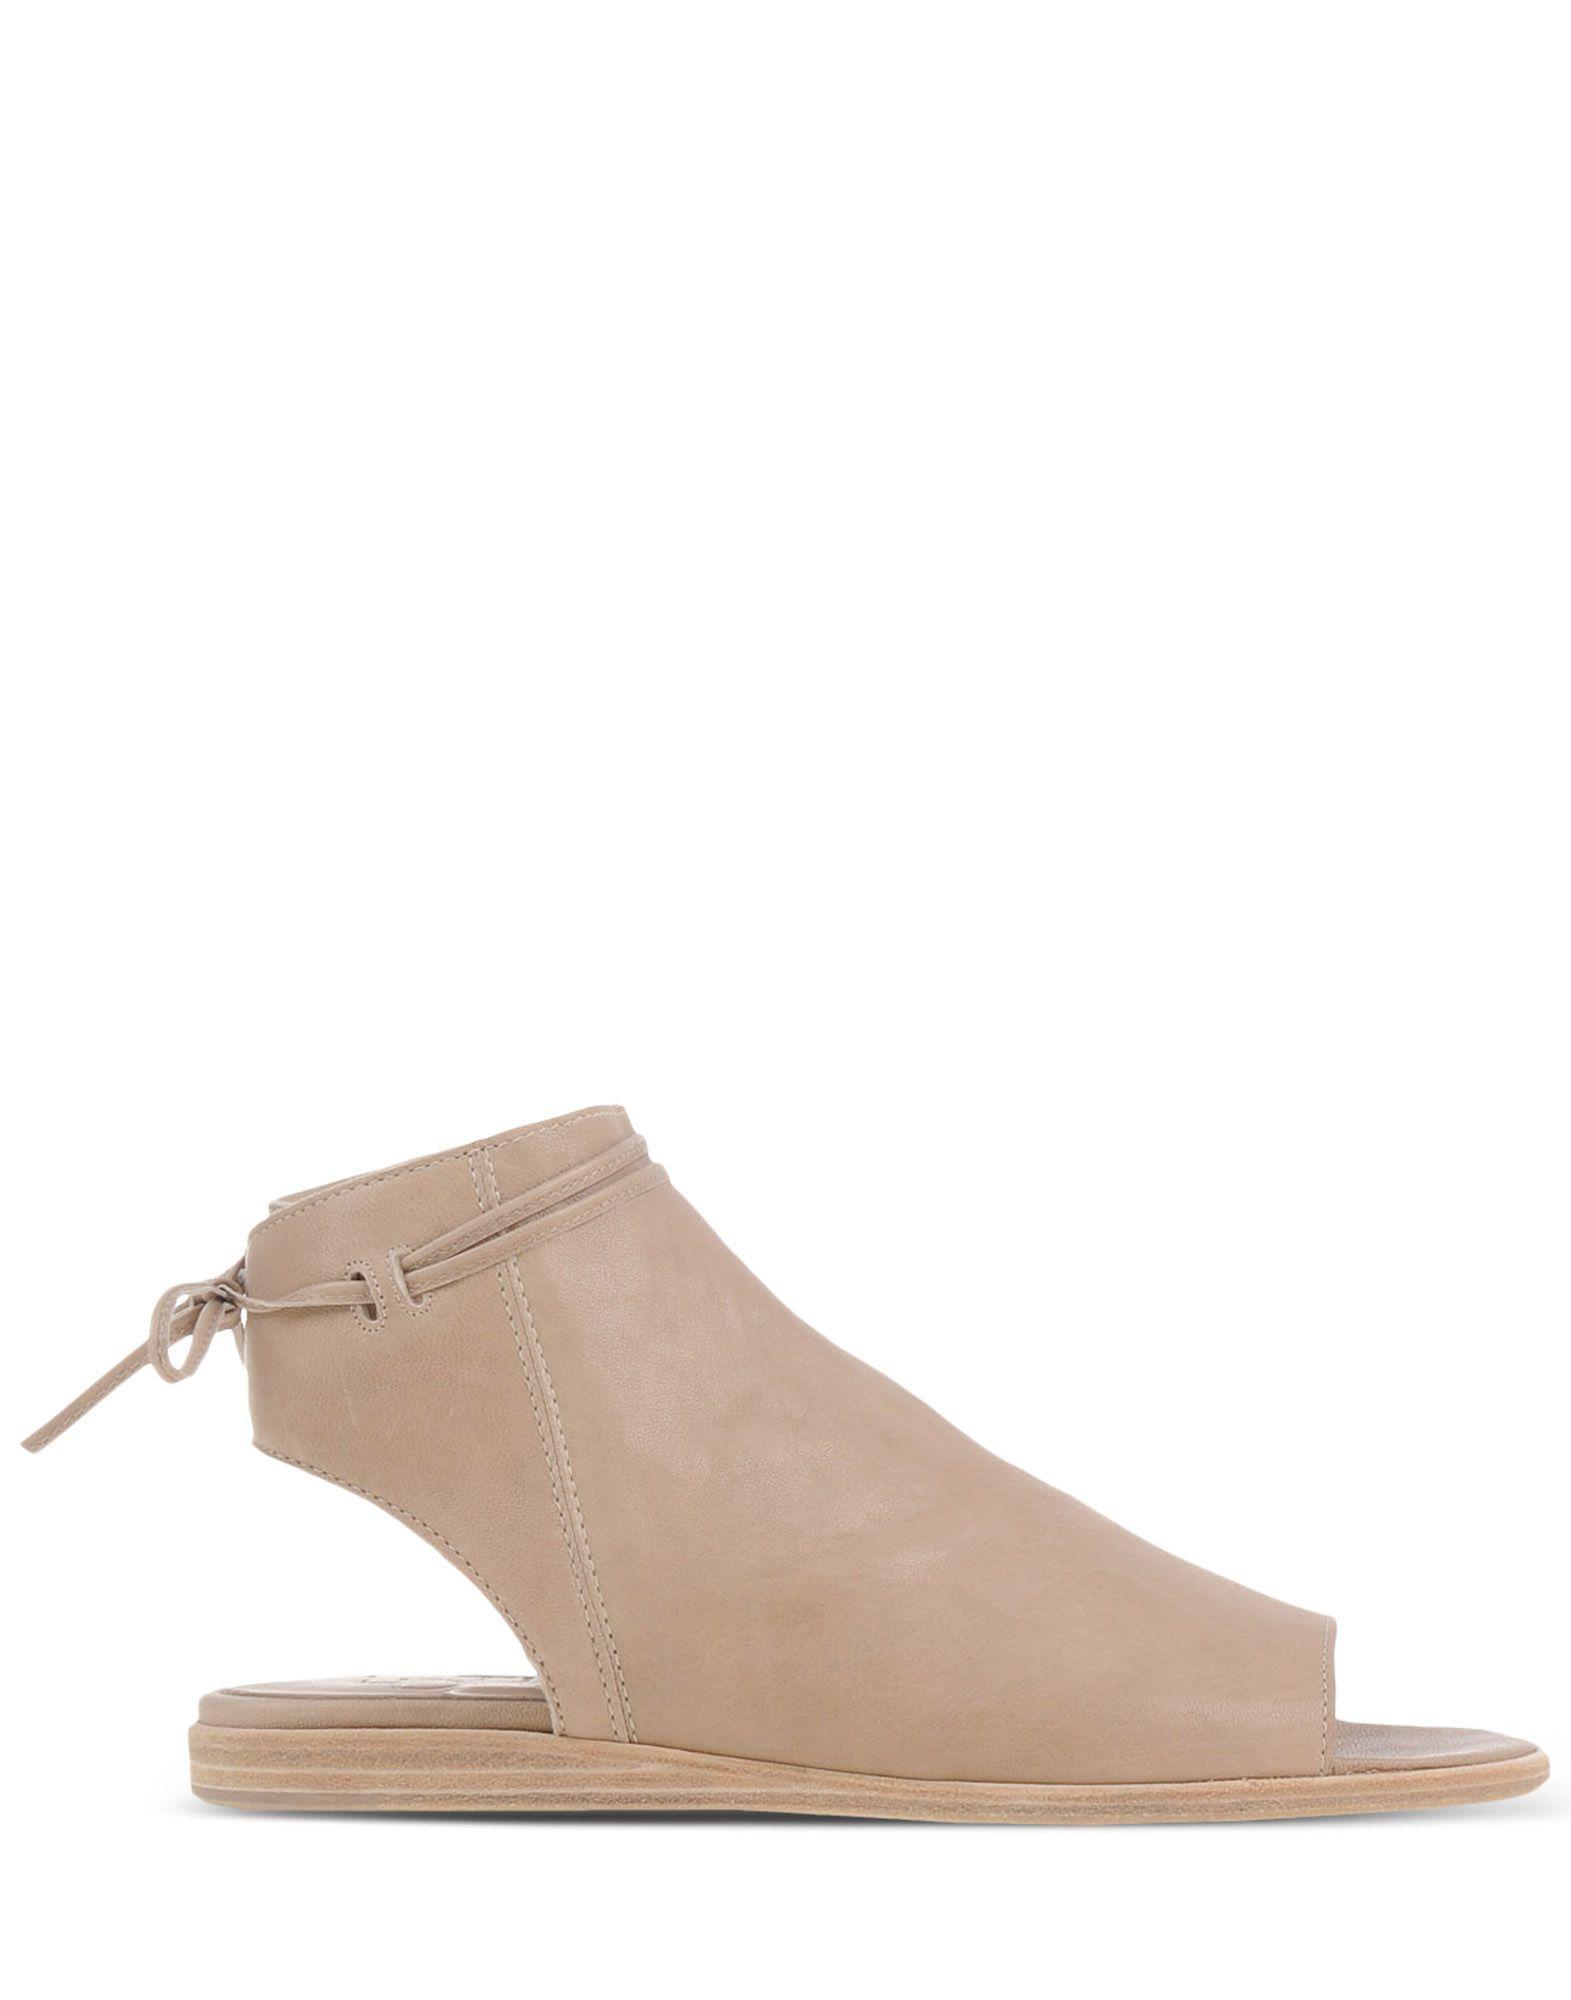 Sandals - LDTUTTLE